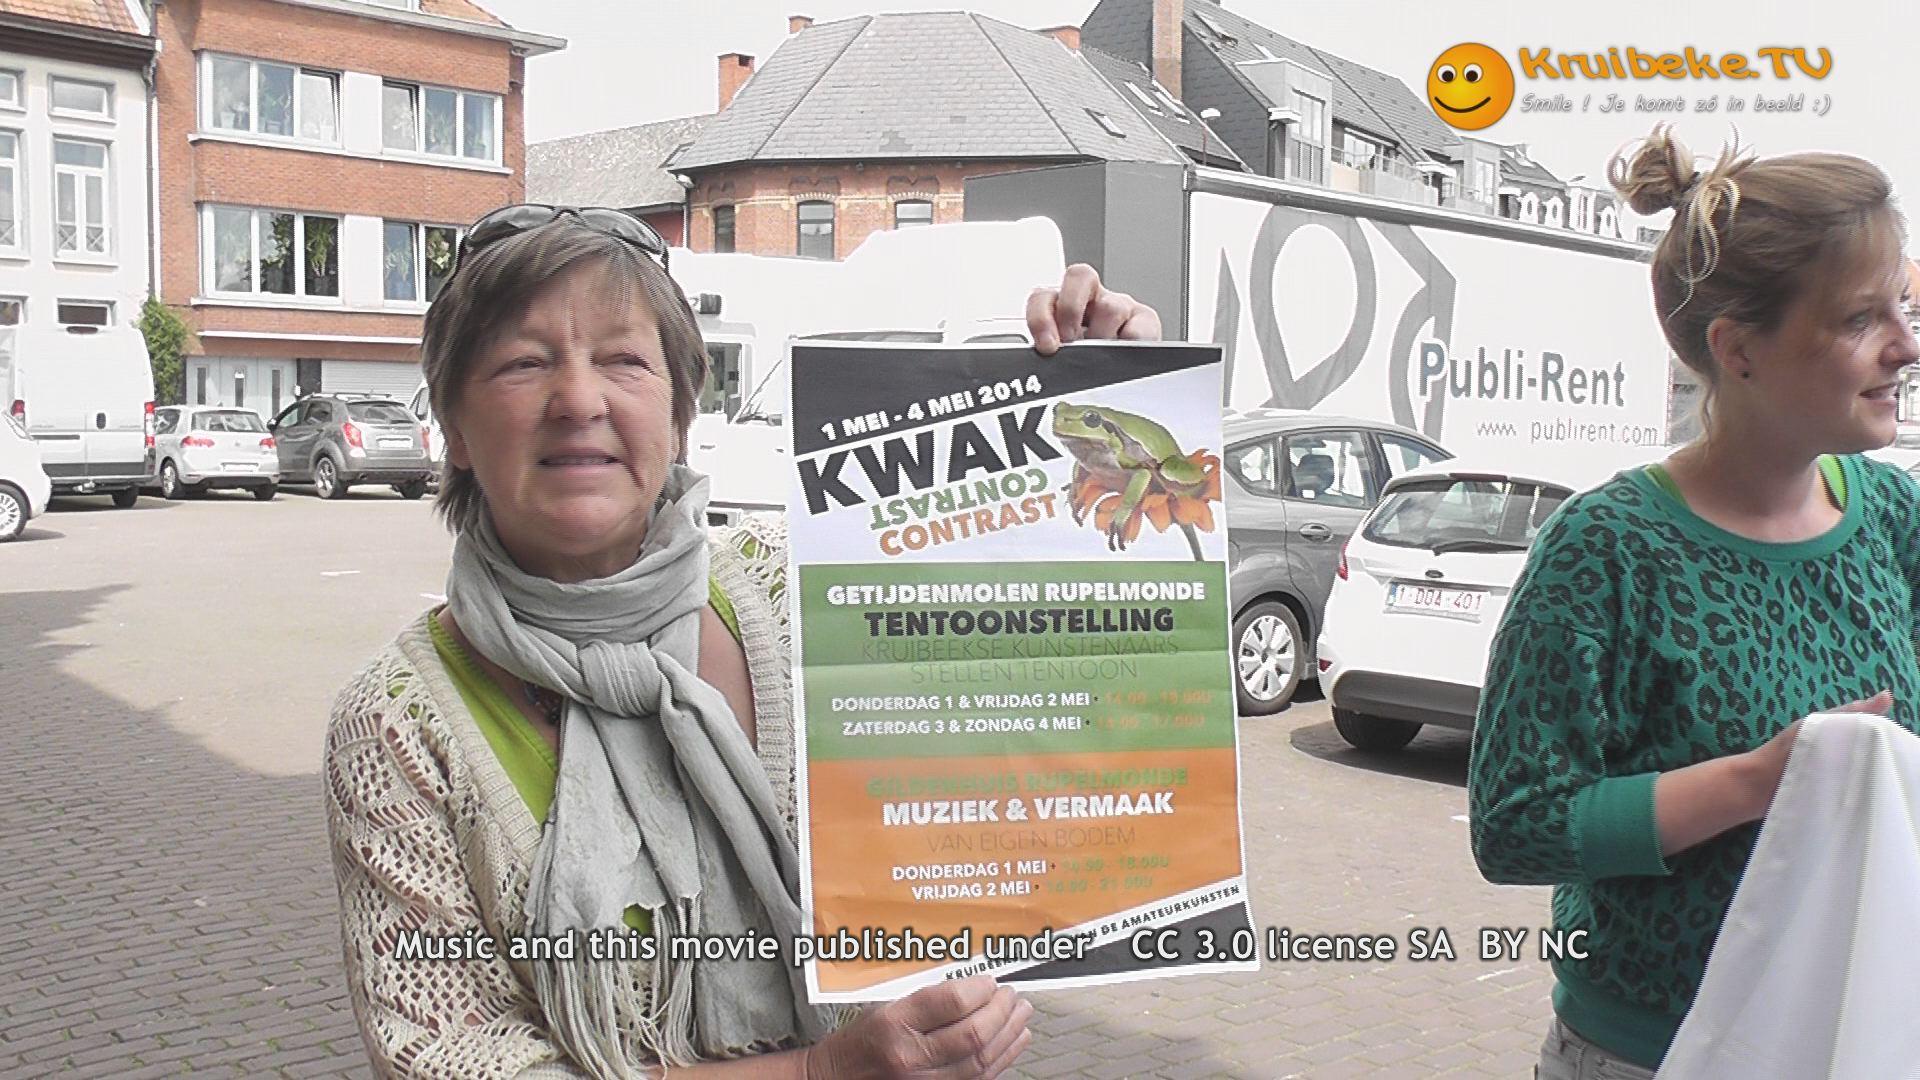 KWak 2014 in Kruibeke